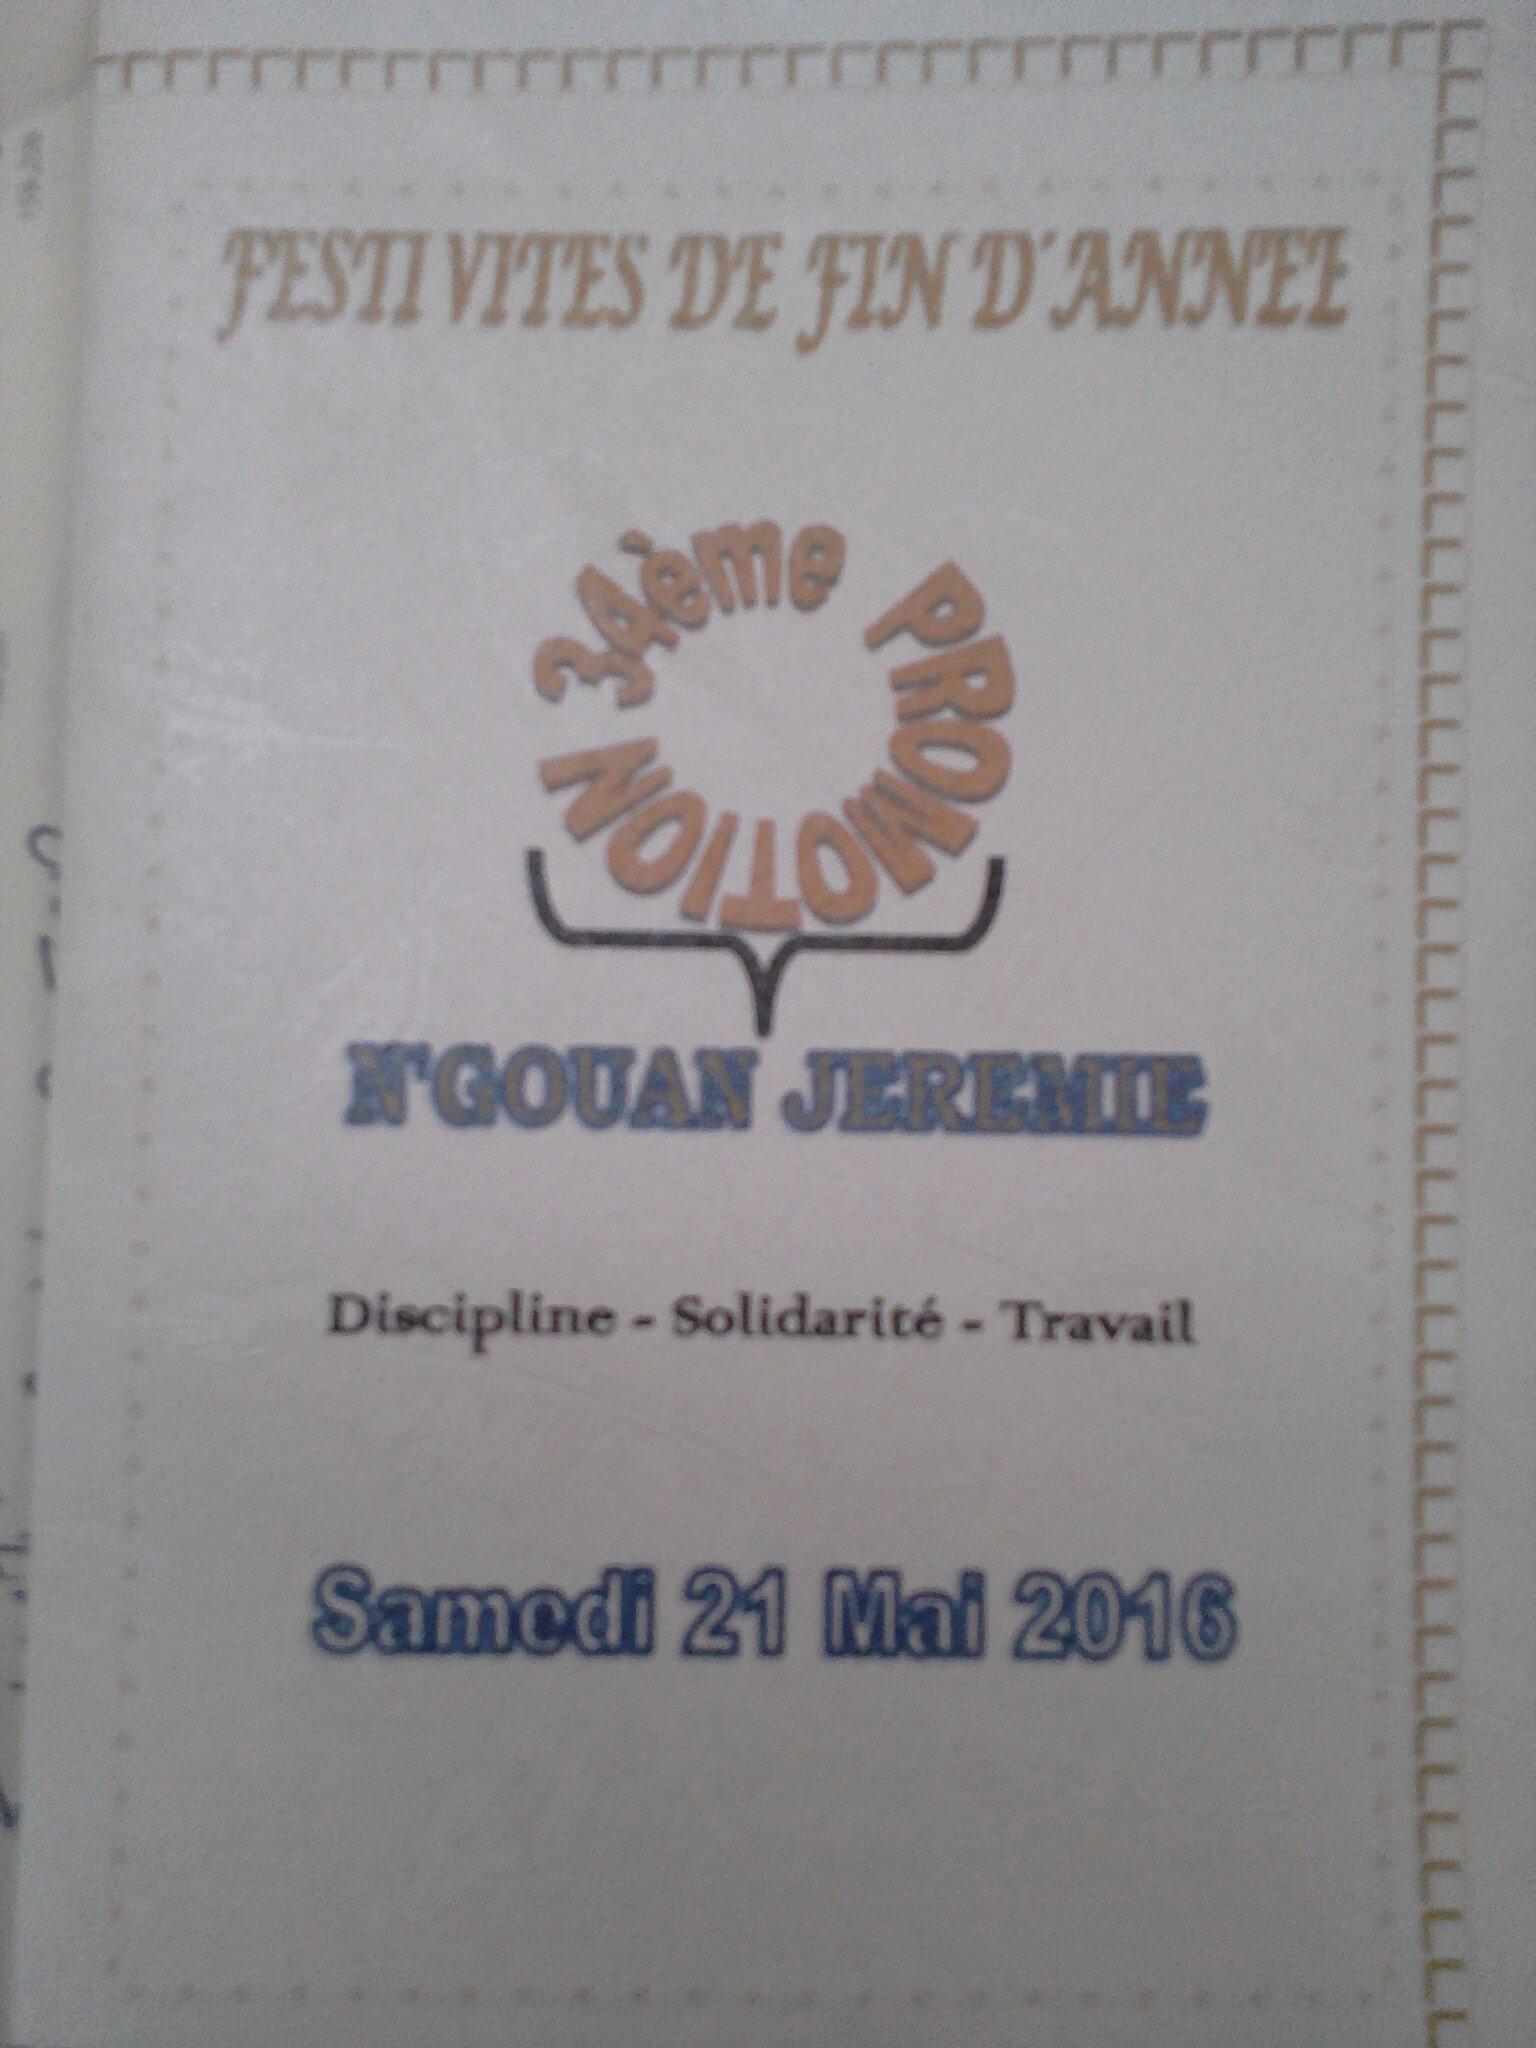 CAFOP D'ABOISSO/DIRECTION/SERVICE VIE SCOLAIRE/FESTIVITÉS DE FIN D'ANNEE DU 20/05 AU 21/05/2016